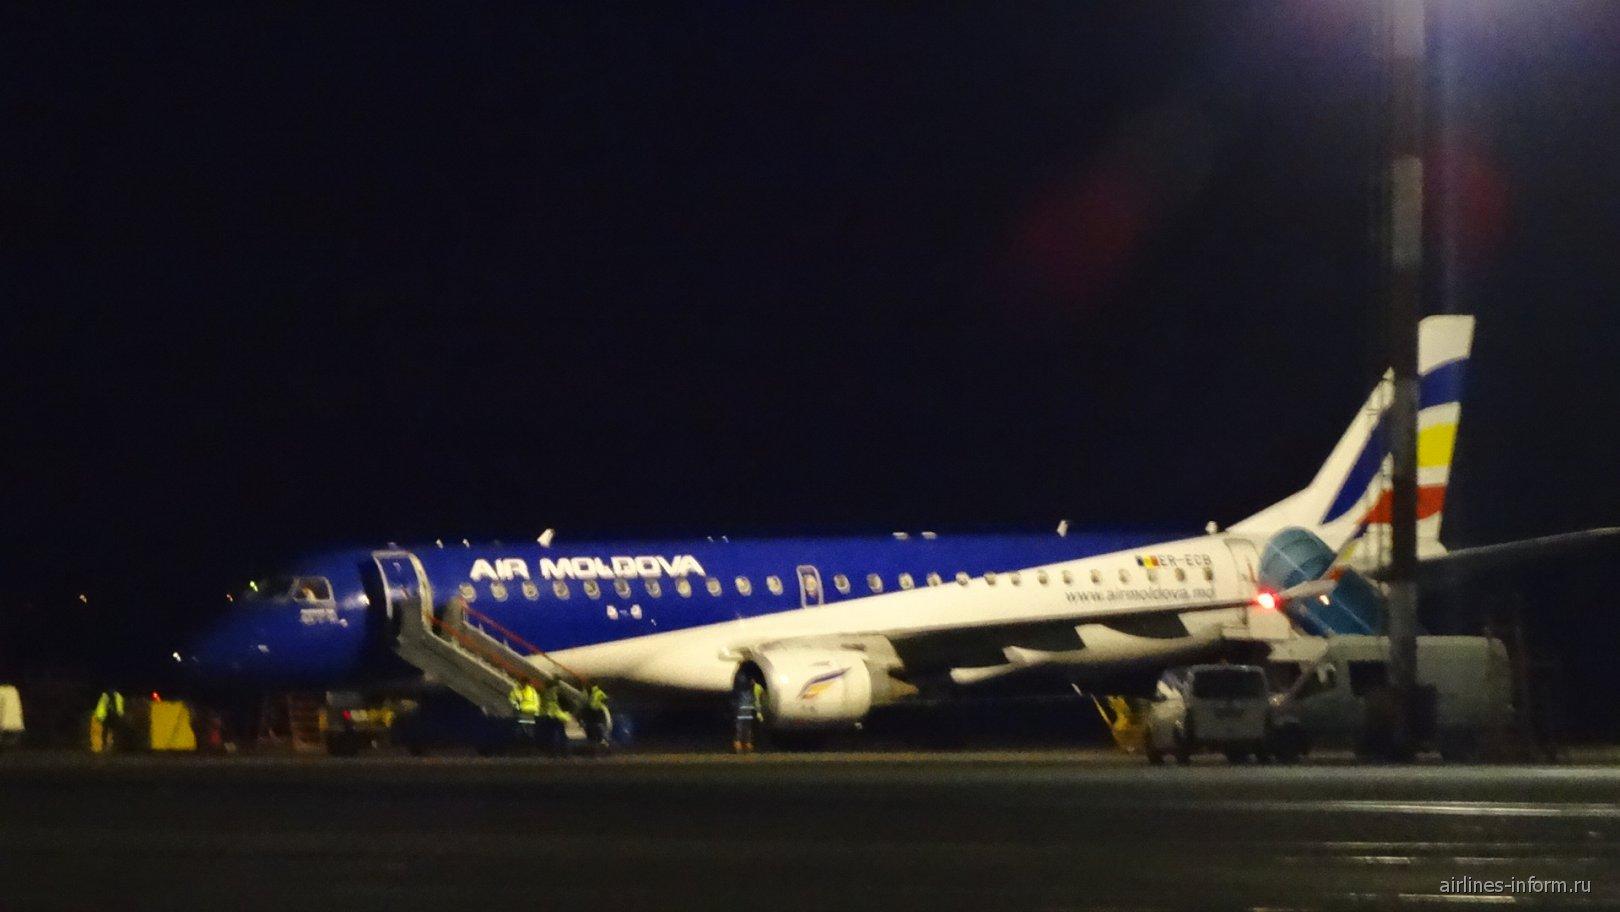 Перелет Кишинев KIV – Венеция VCE с «Air Moldova» в феврале 2015.